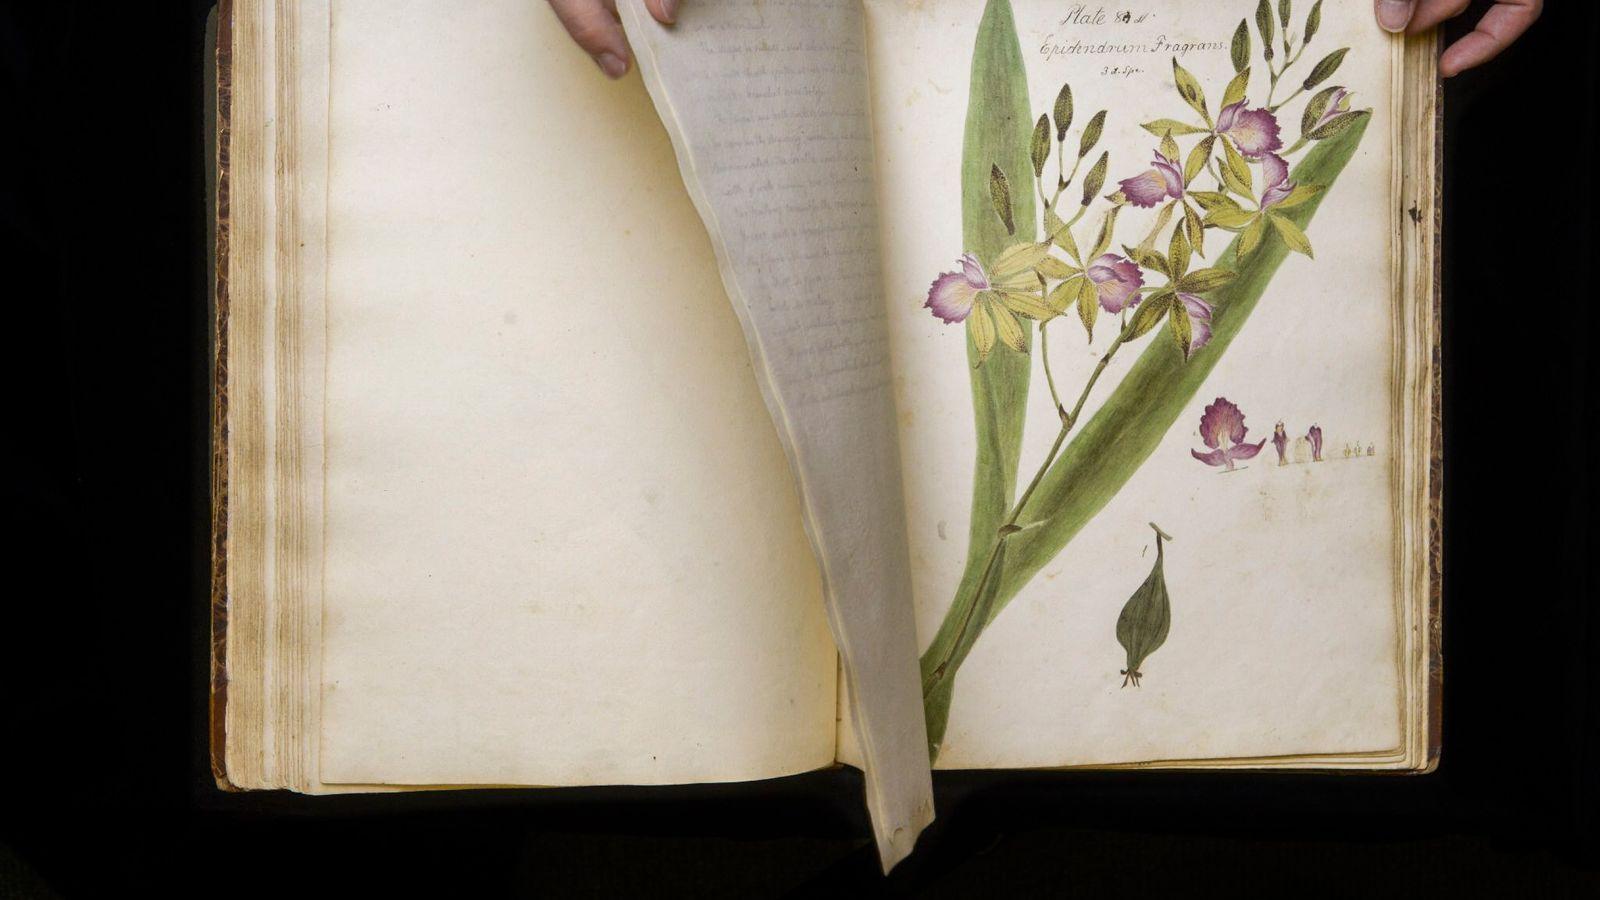 Caesalpinia pulcherrima est une espèce de plantes dicotylédones que l'on trouve dans les régions tropicales et ...